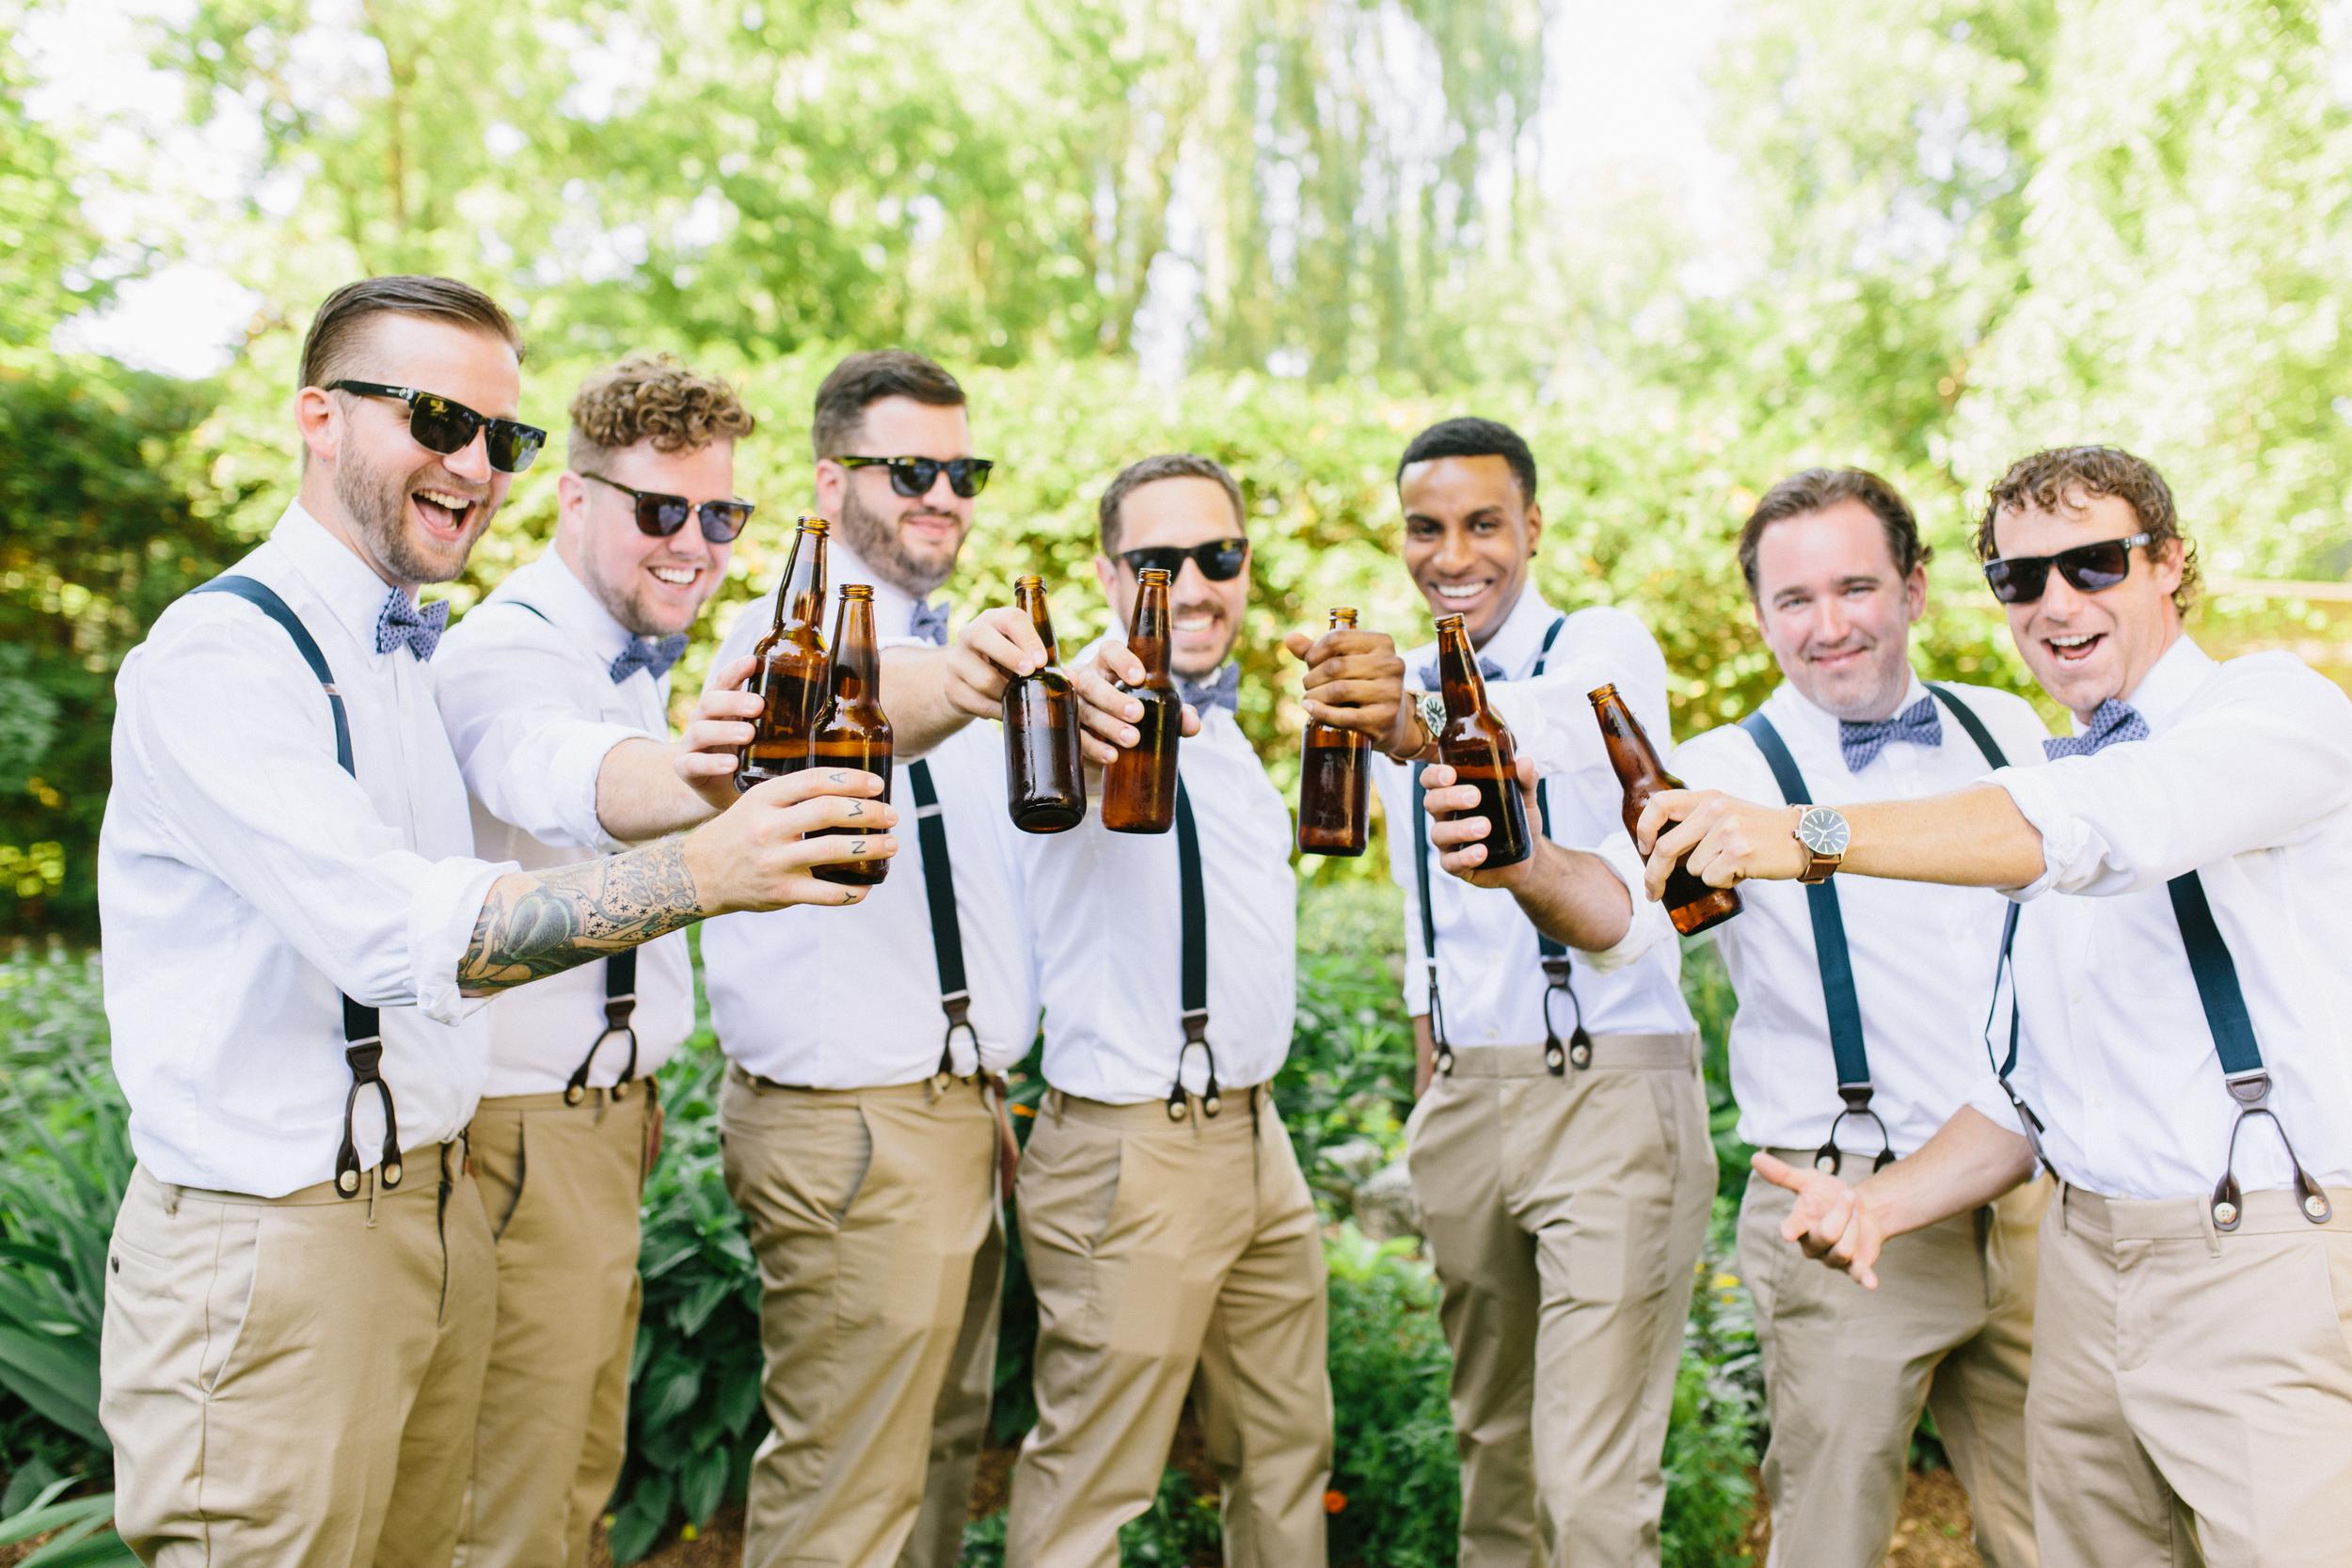 michael-rousseau-photography-shannae-ingleton-wedding-sean-craigleith-ski-club-wedding015.jpg